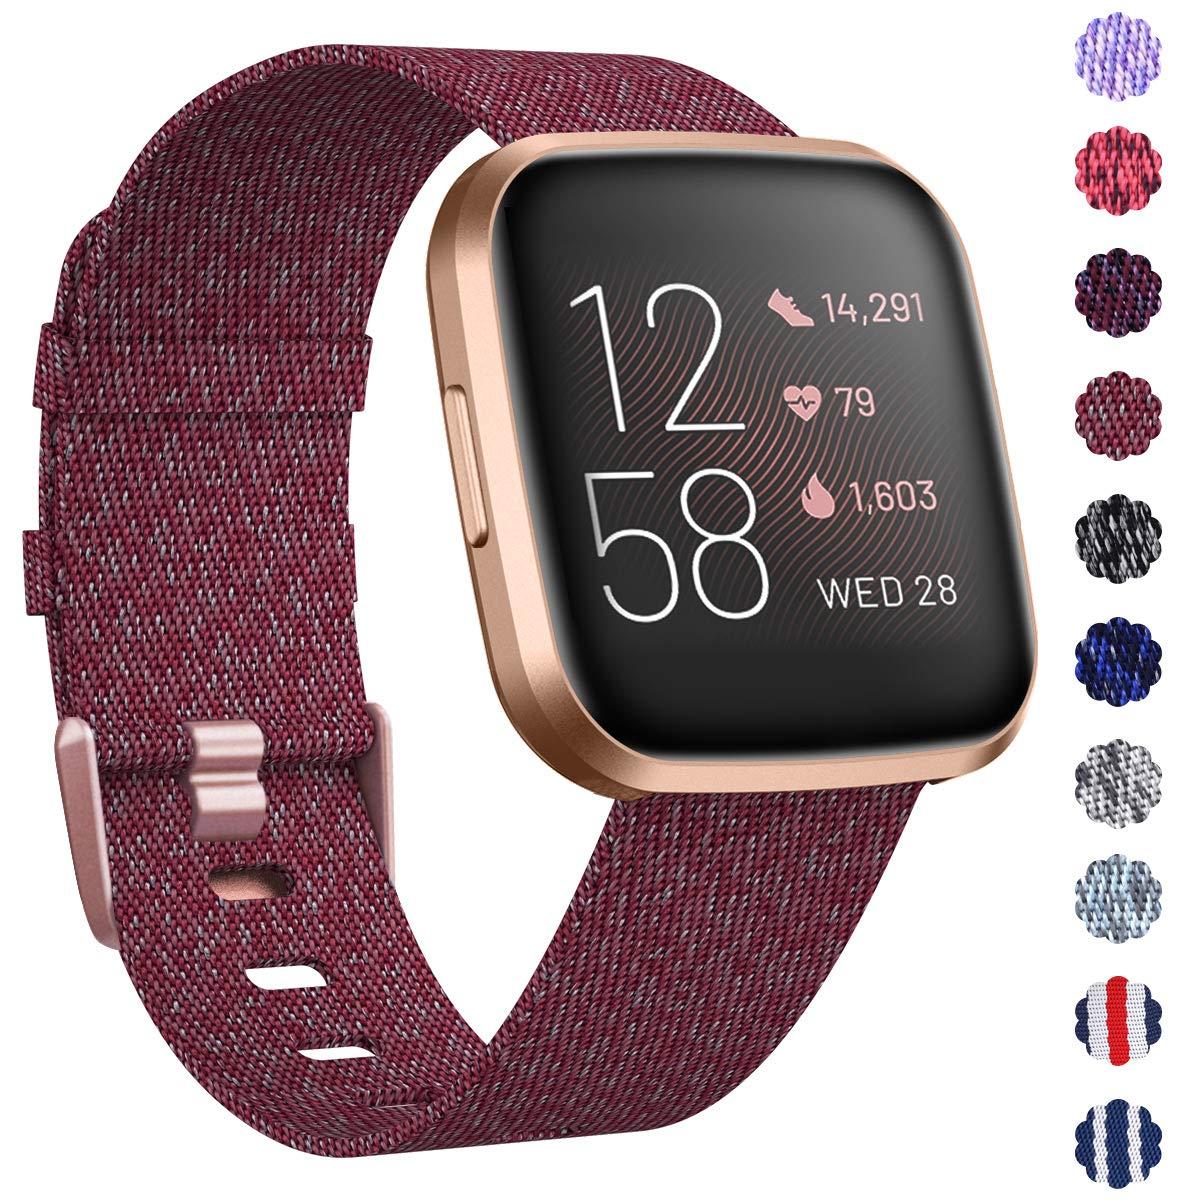 Malla Reloj Fitbit Versa/fitbit Versa 2 (bordo rose Gold)